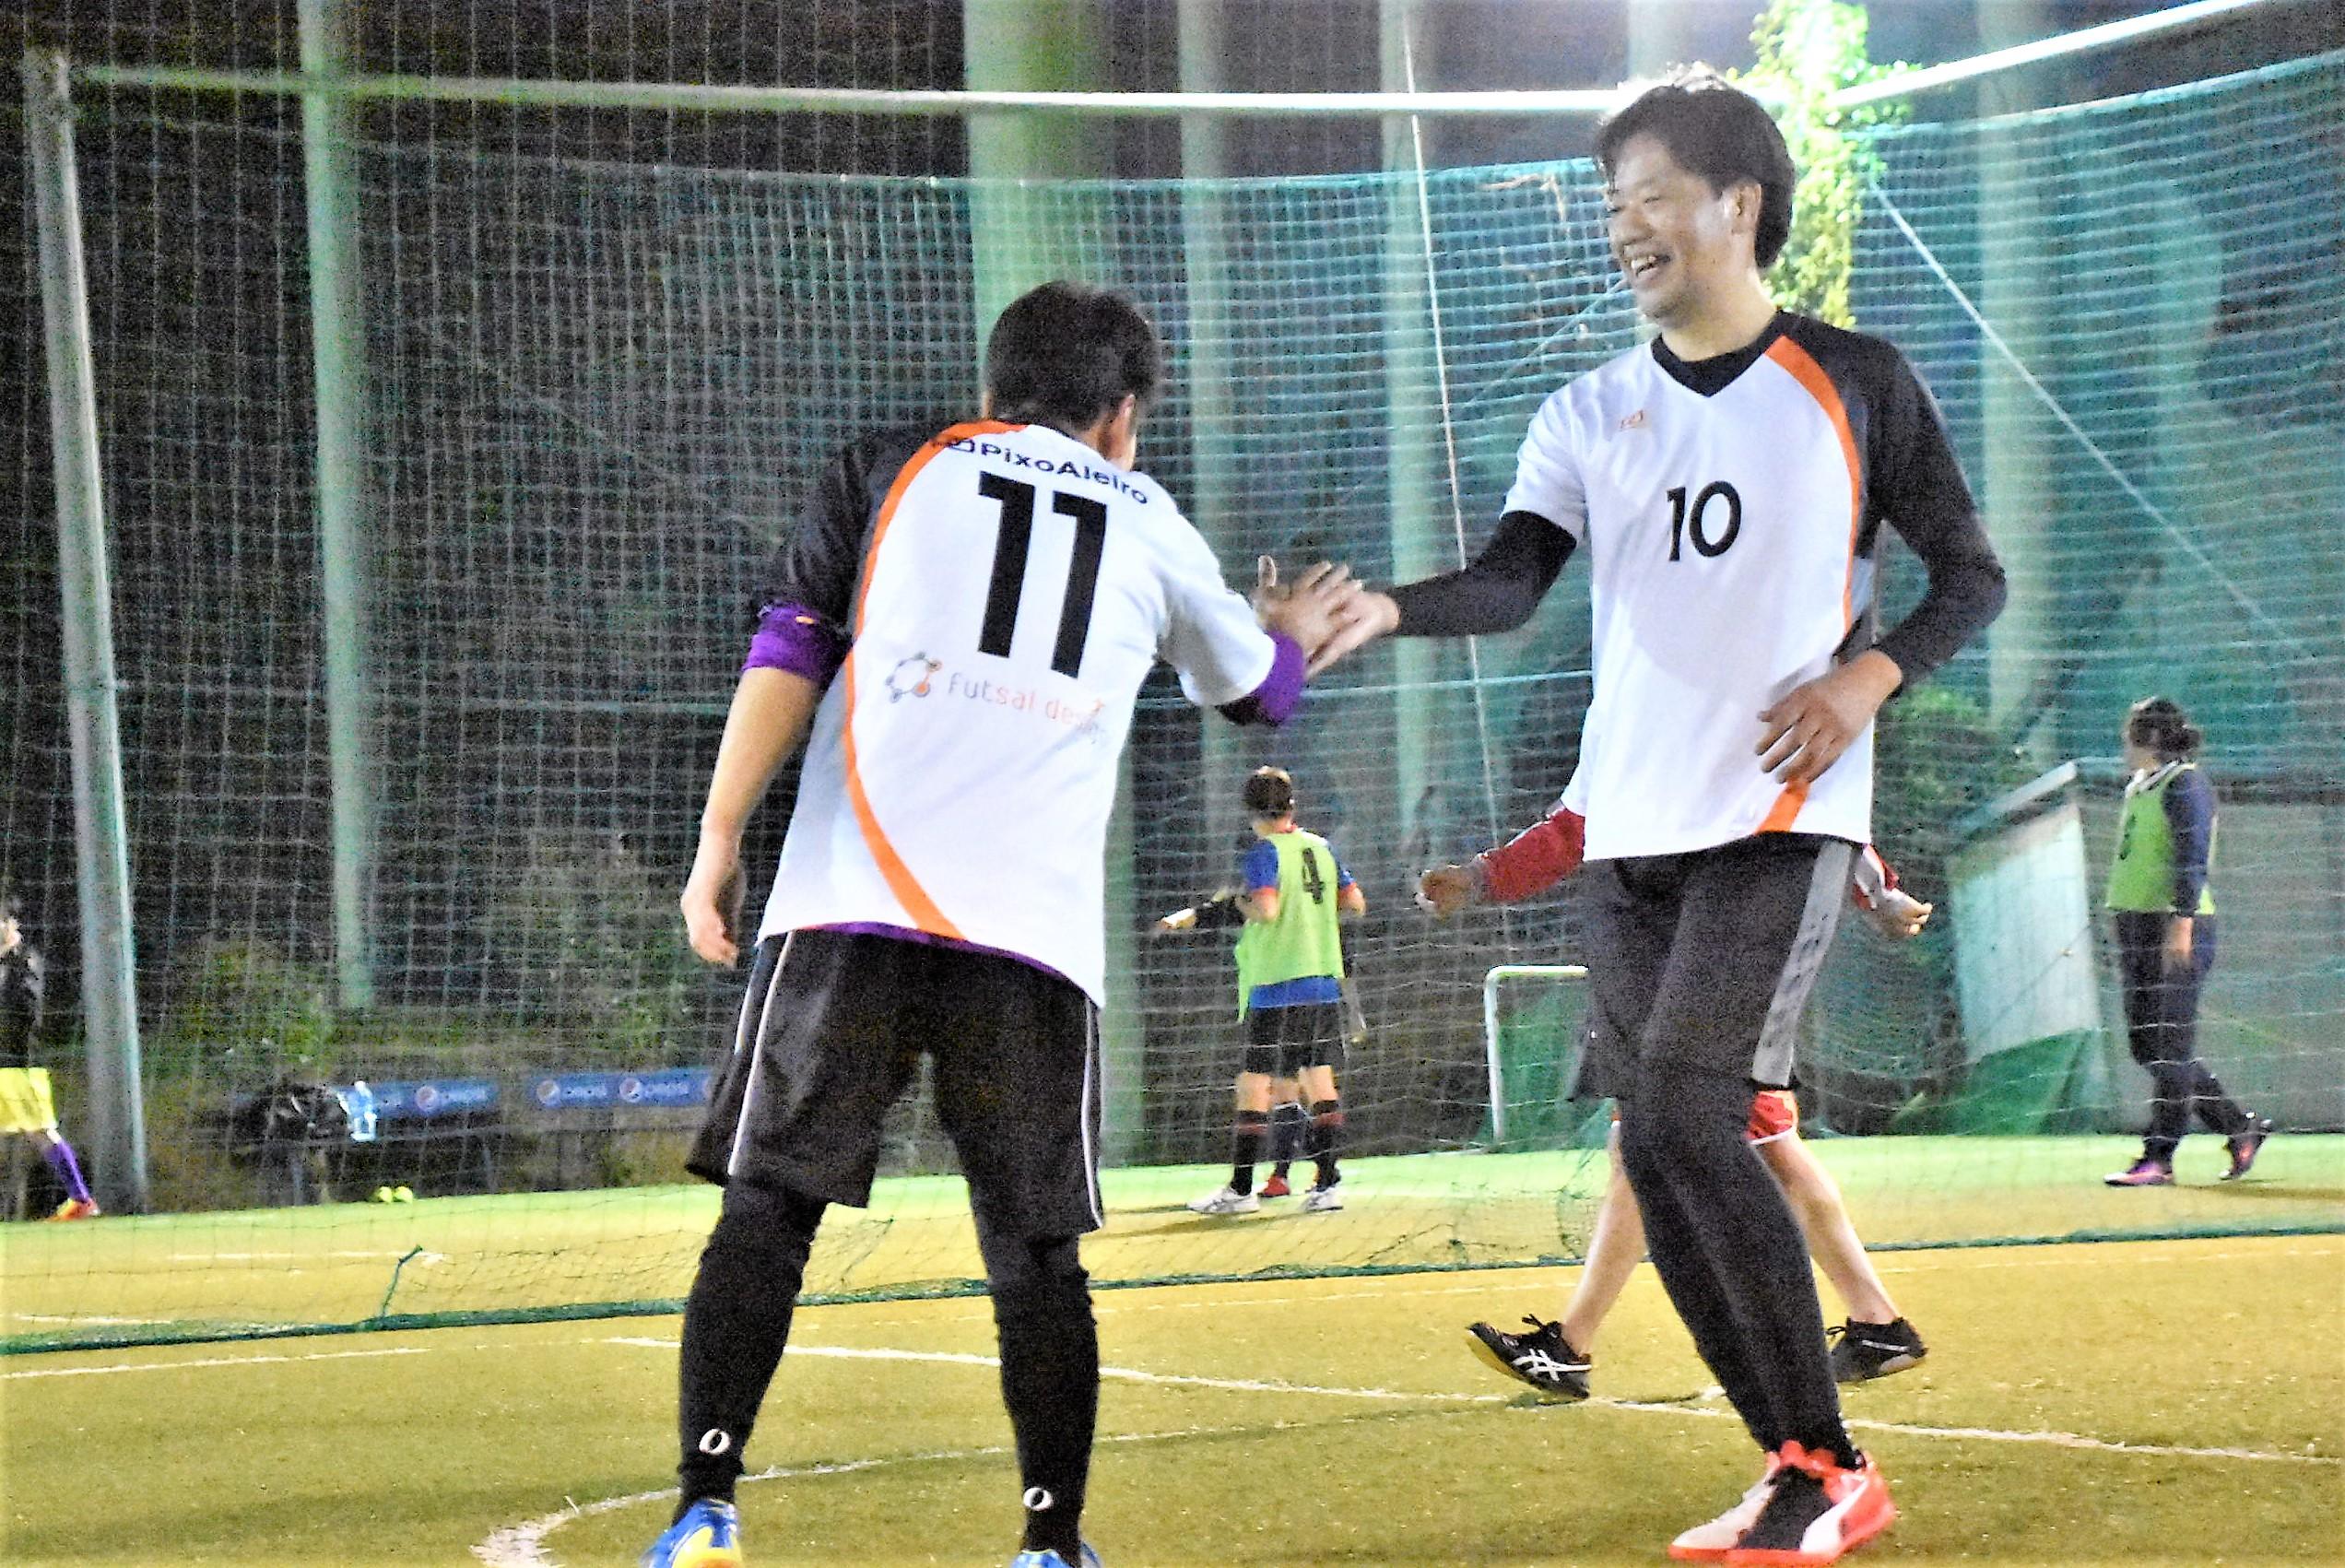 【春日井エンジョイリーグ】第3節結果 チームM連勝!noveseteも強豪を追い詰める活躍を見せる!